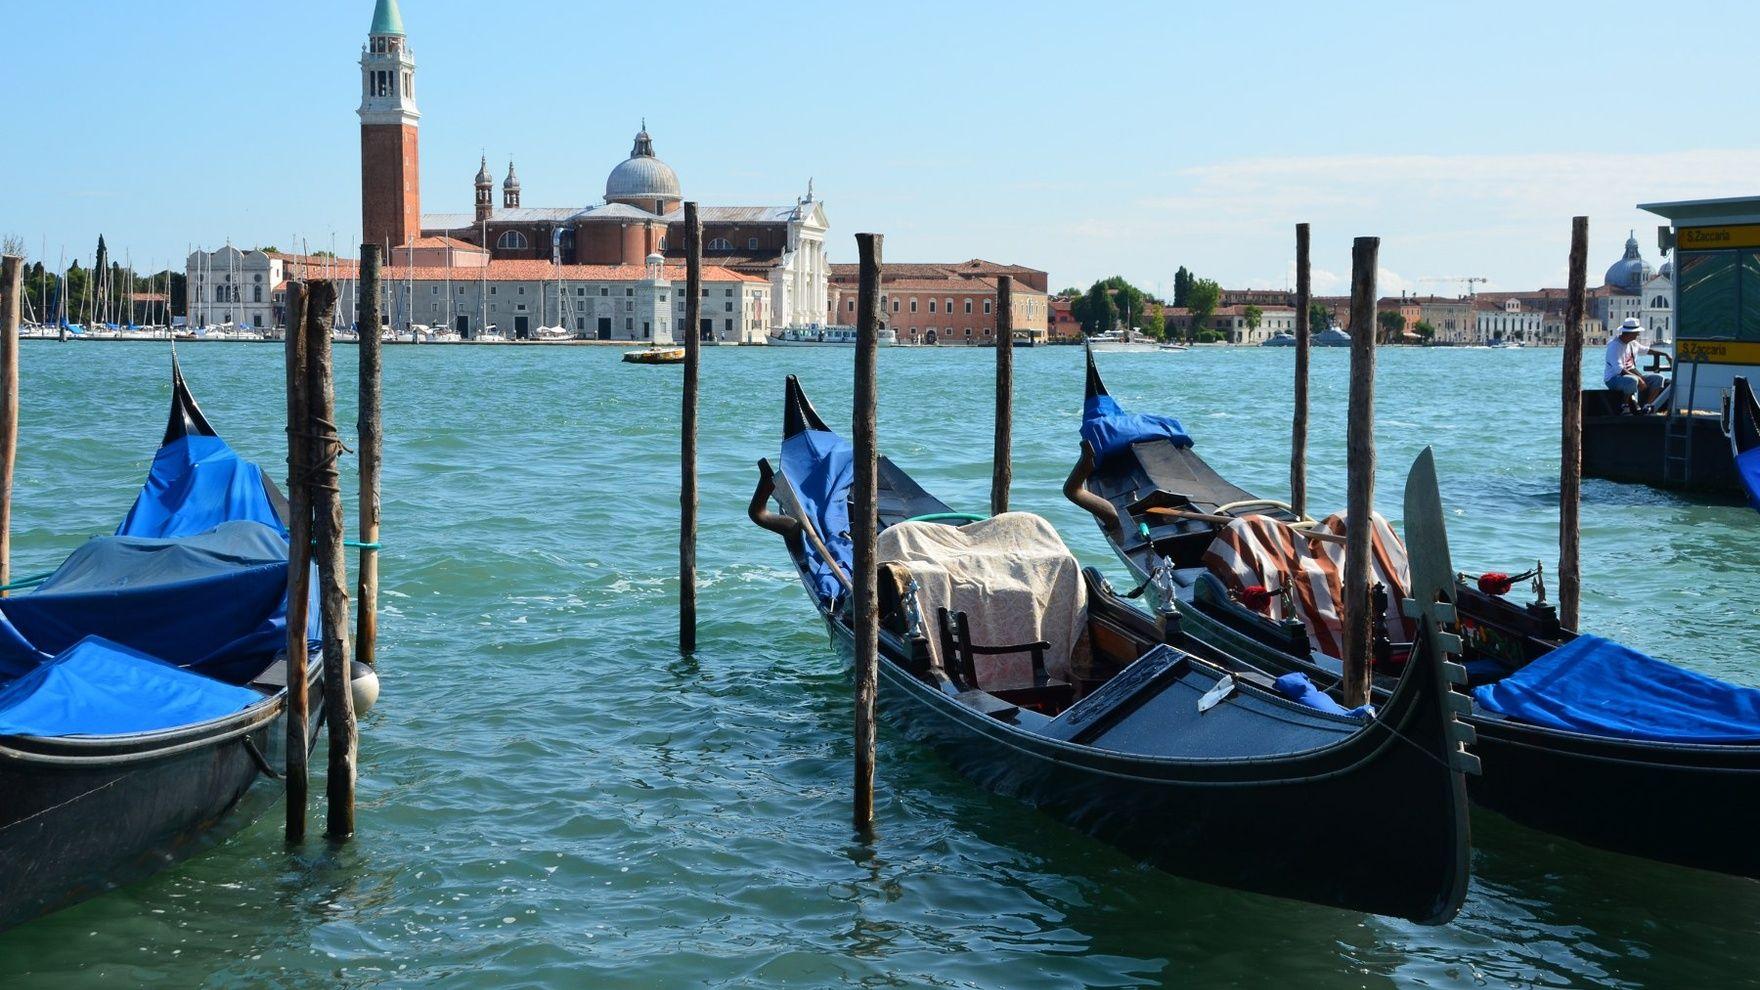 Путешествие на парусной яхте на архитектурную биеннале 2021, Венеция